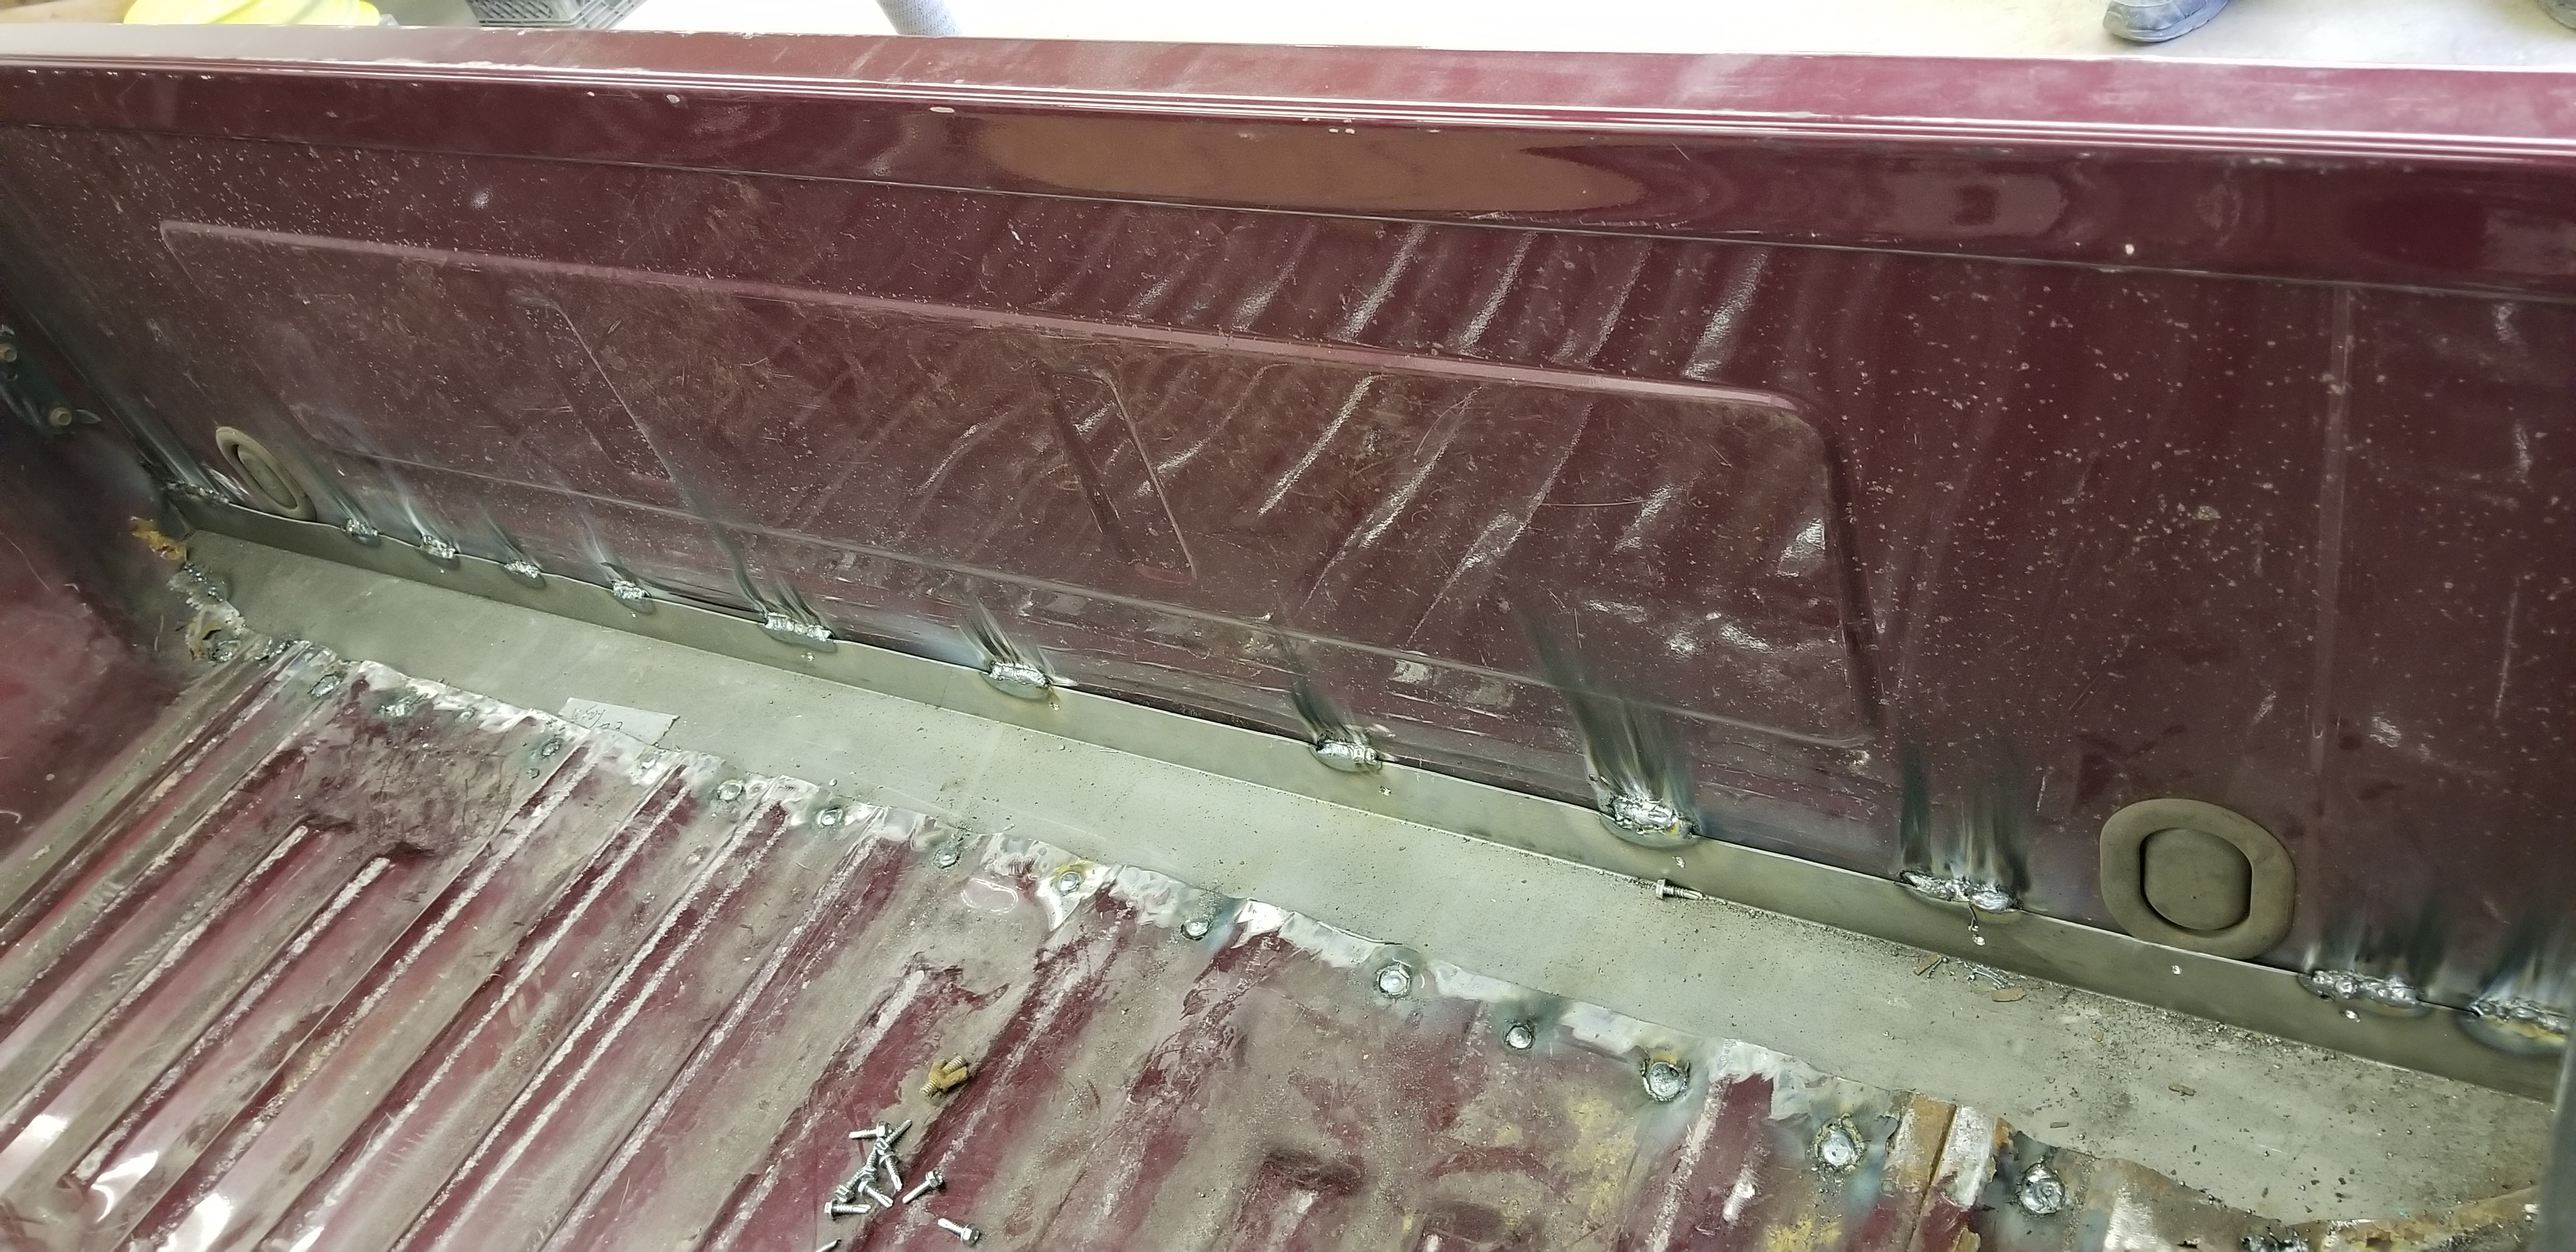 2005 Ford bed restoration